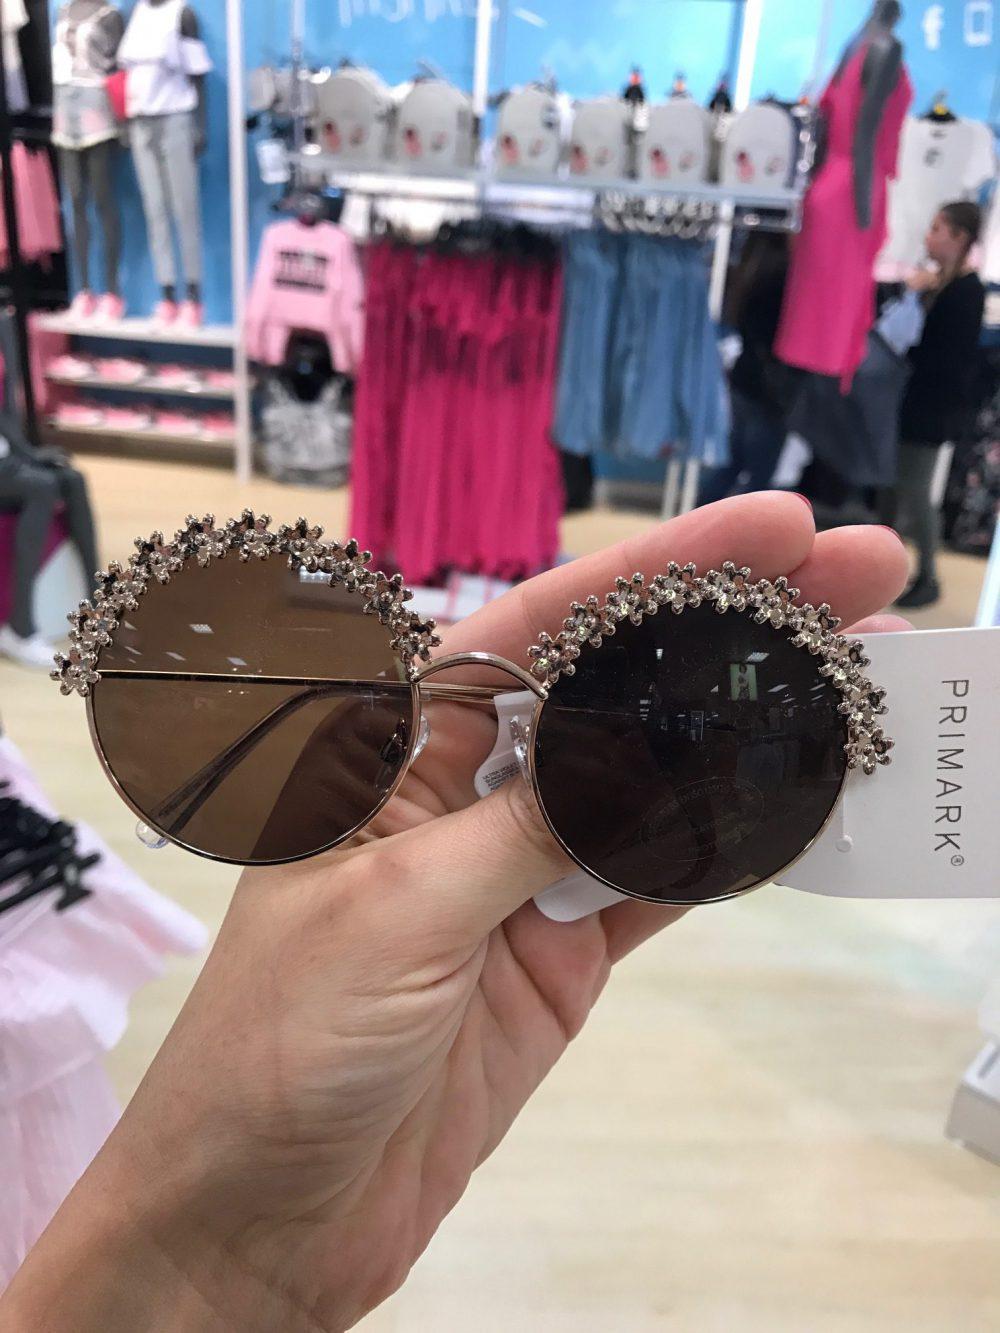 primark kids p:e 2017 occhiali+